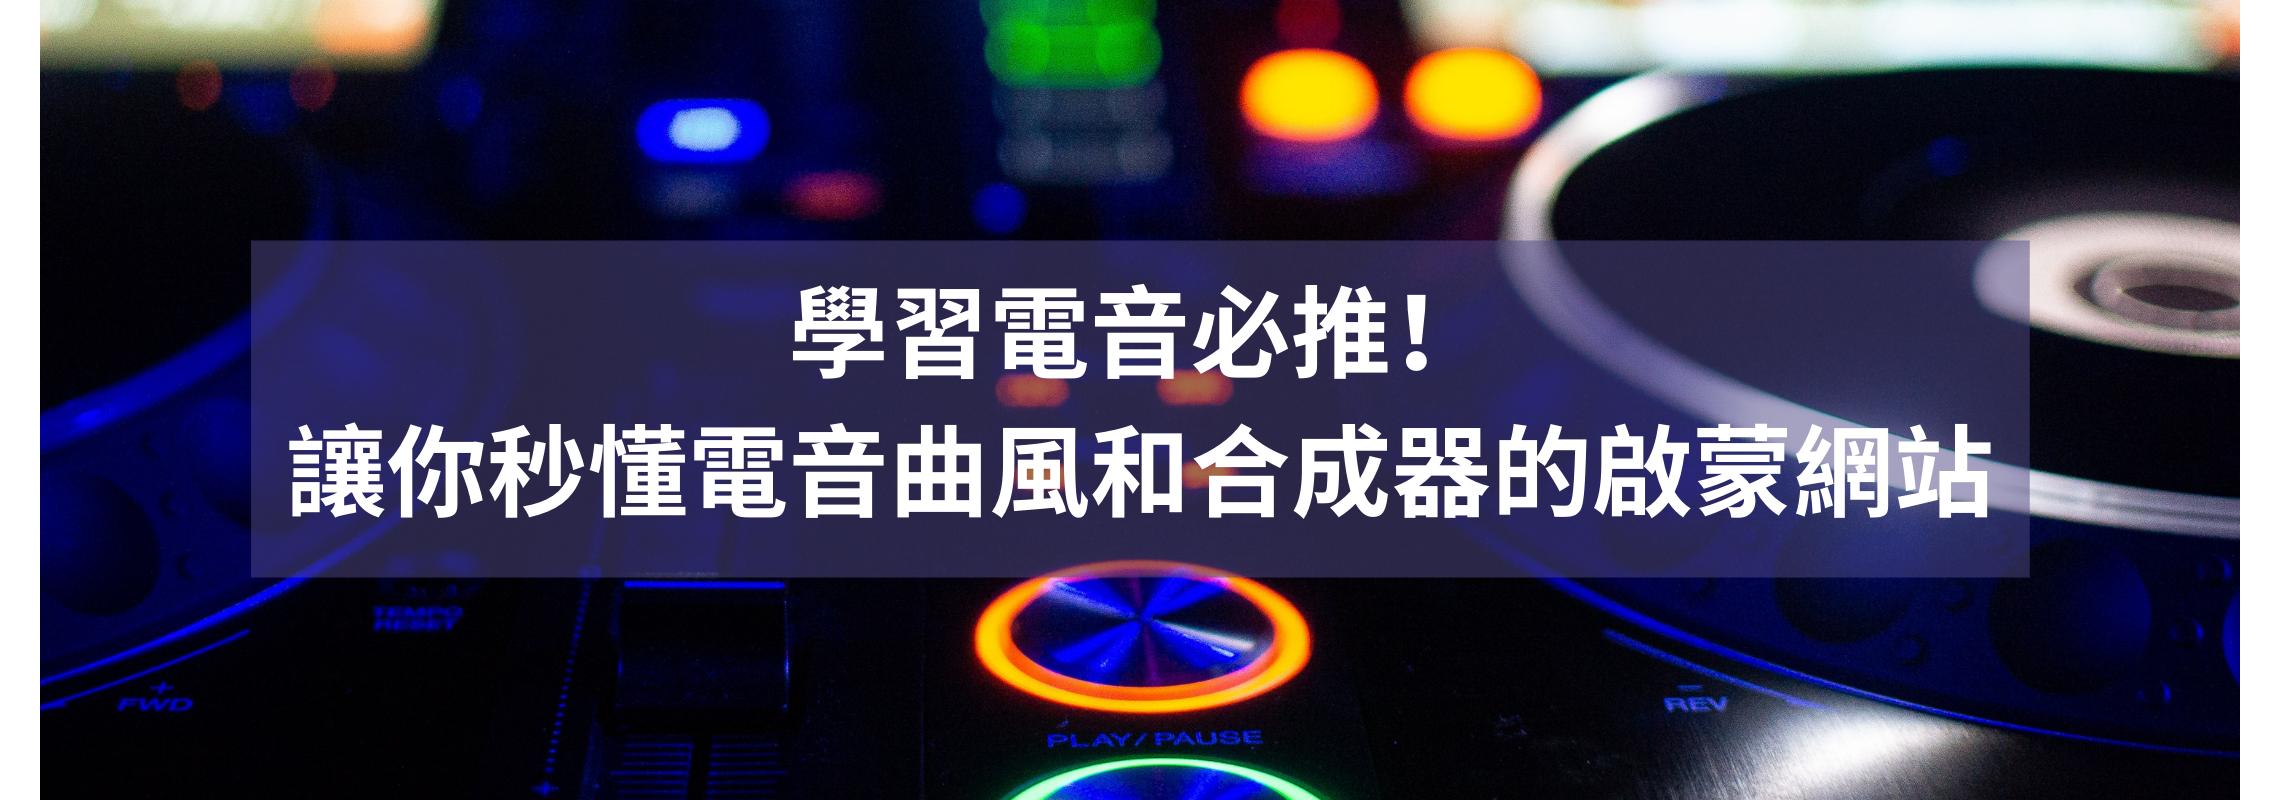 學習電音必推!讓你秒懂電音曲風和合成器的啟蒙網站